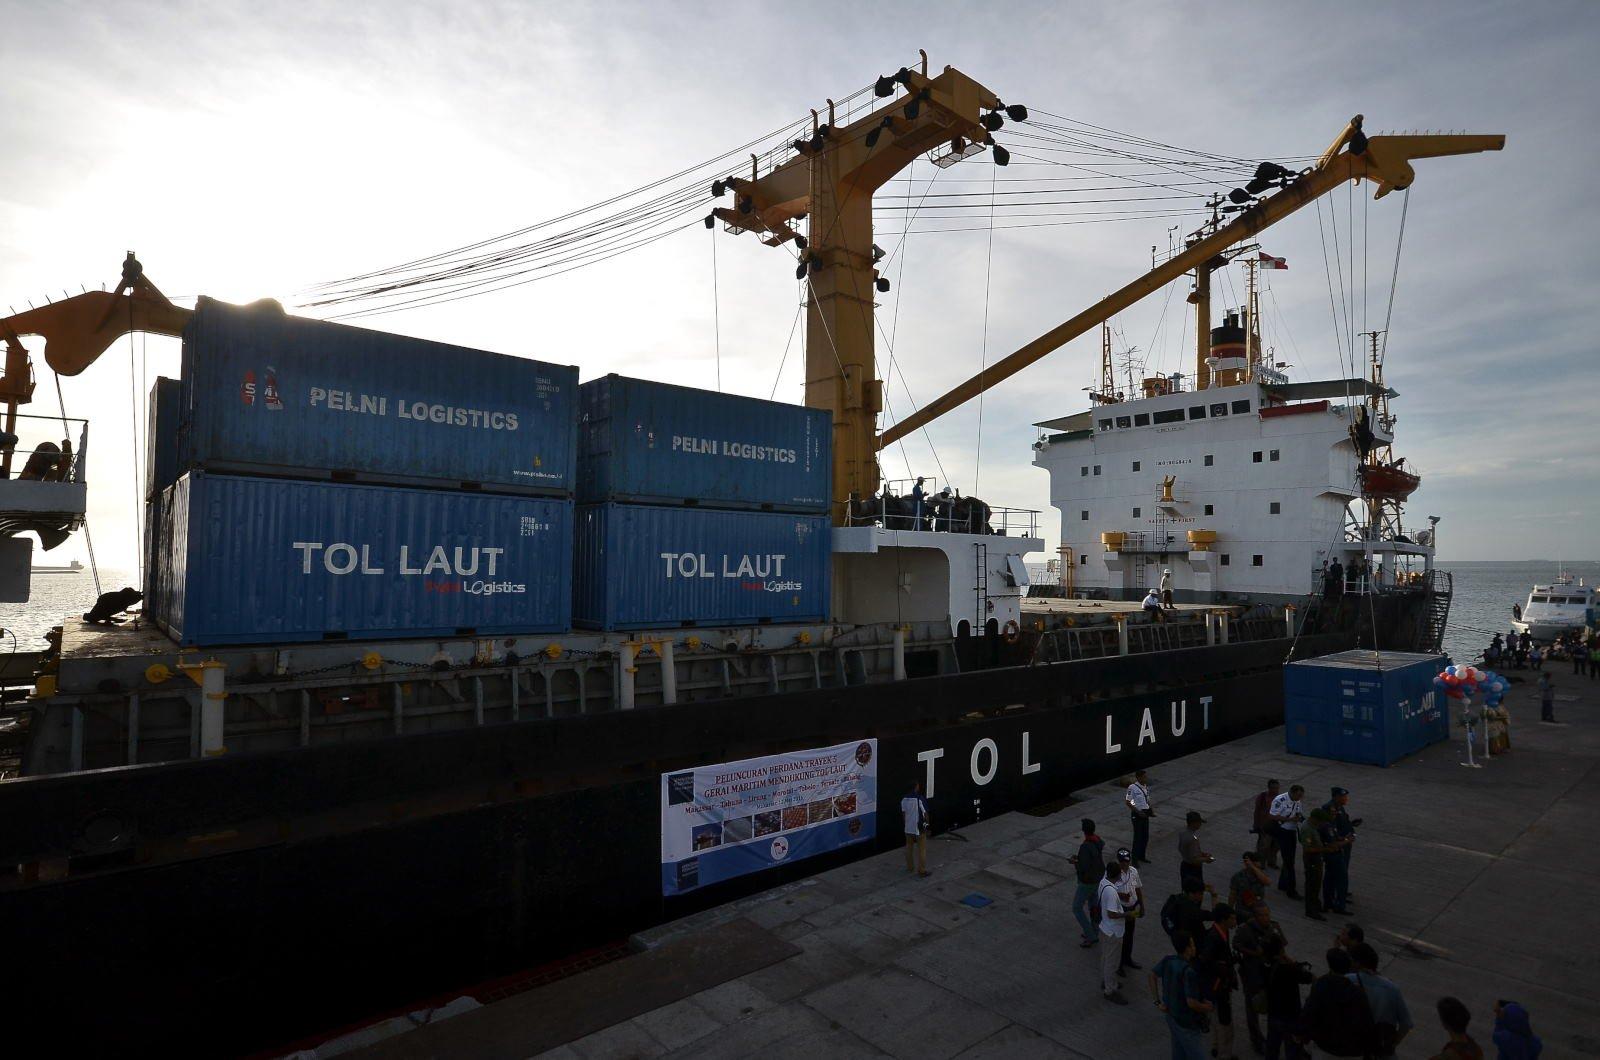 Tol Laut Depo Gerai Maritim Akan Segera Dibangun di Pulau Enggano